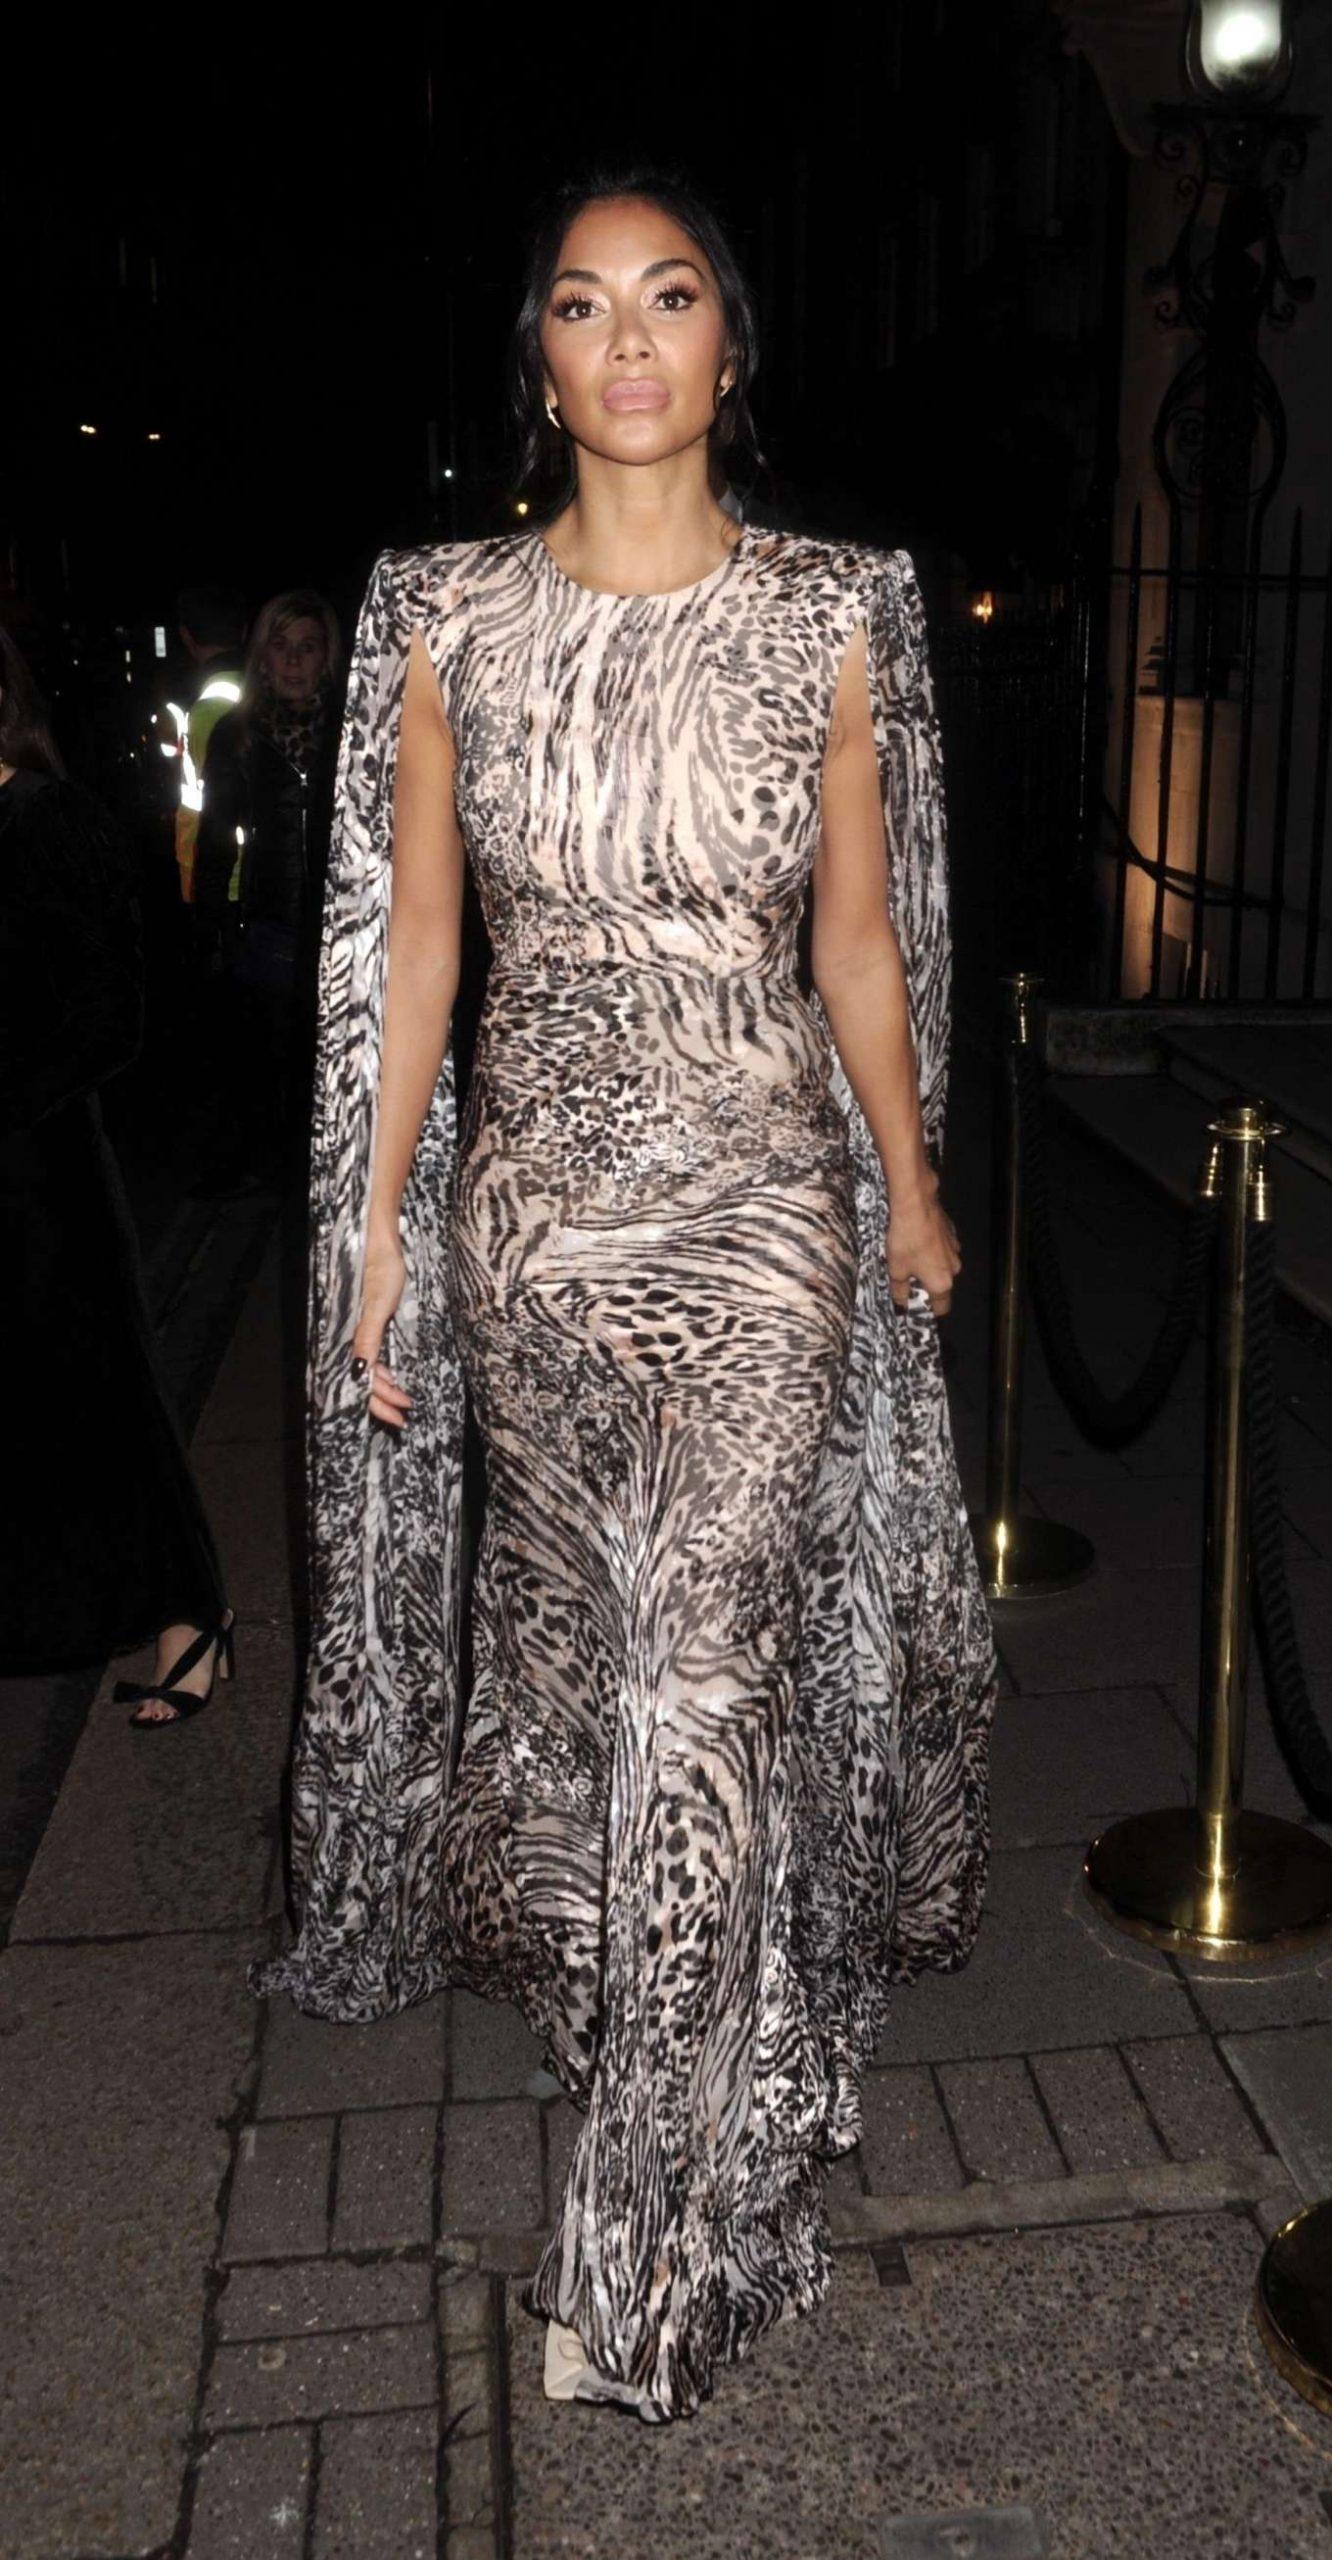 Nicole Scherzinger 2020 : Nicole Scherzinger – Arrives at British Vogues Fashion and Film Party 2020-06